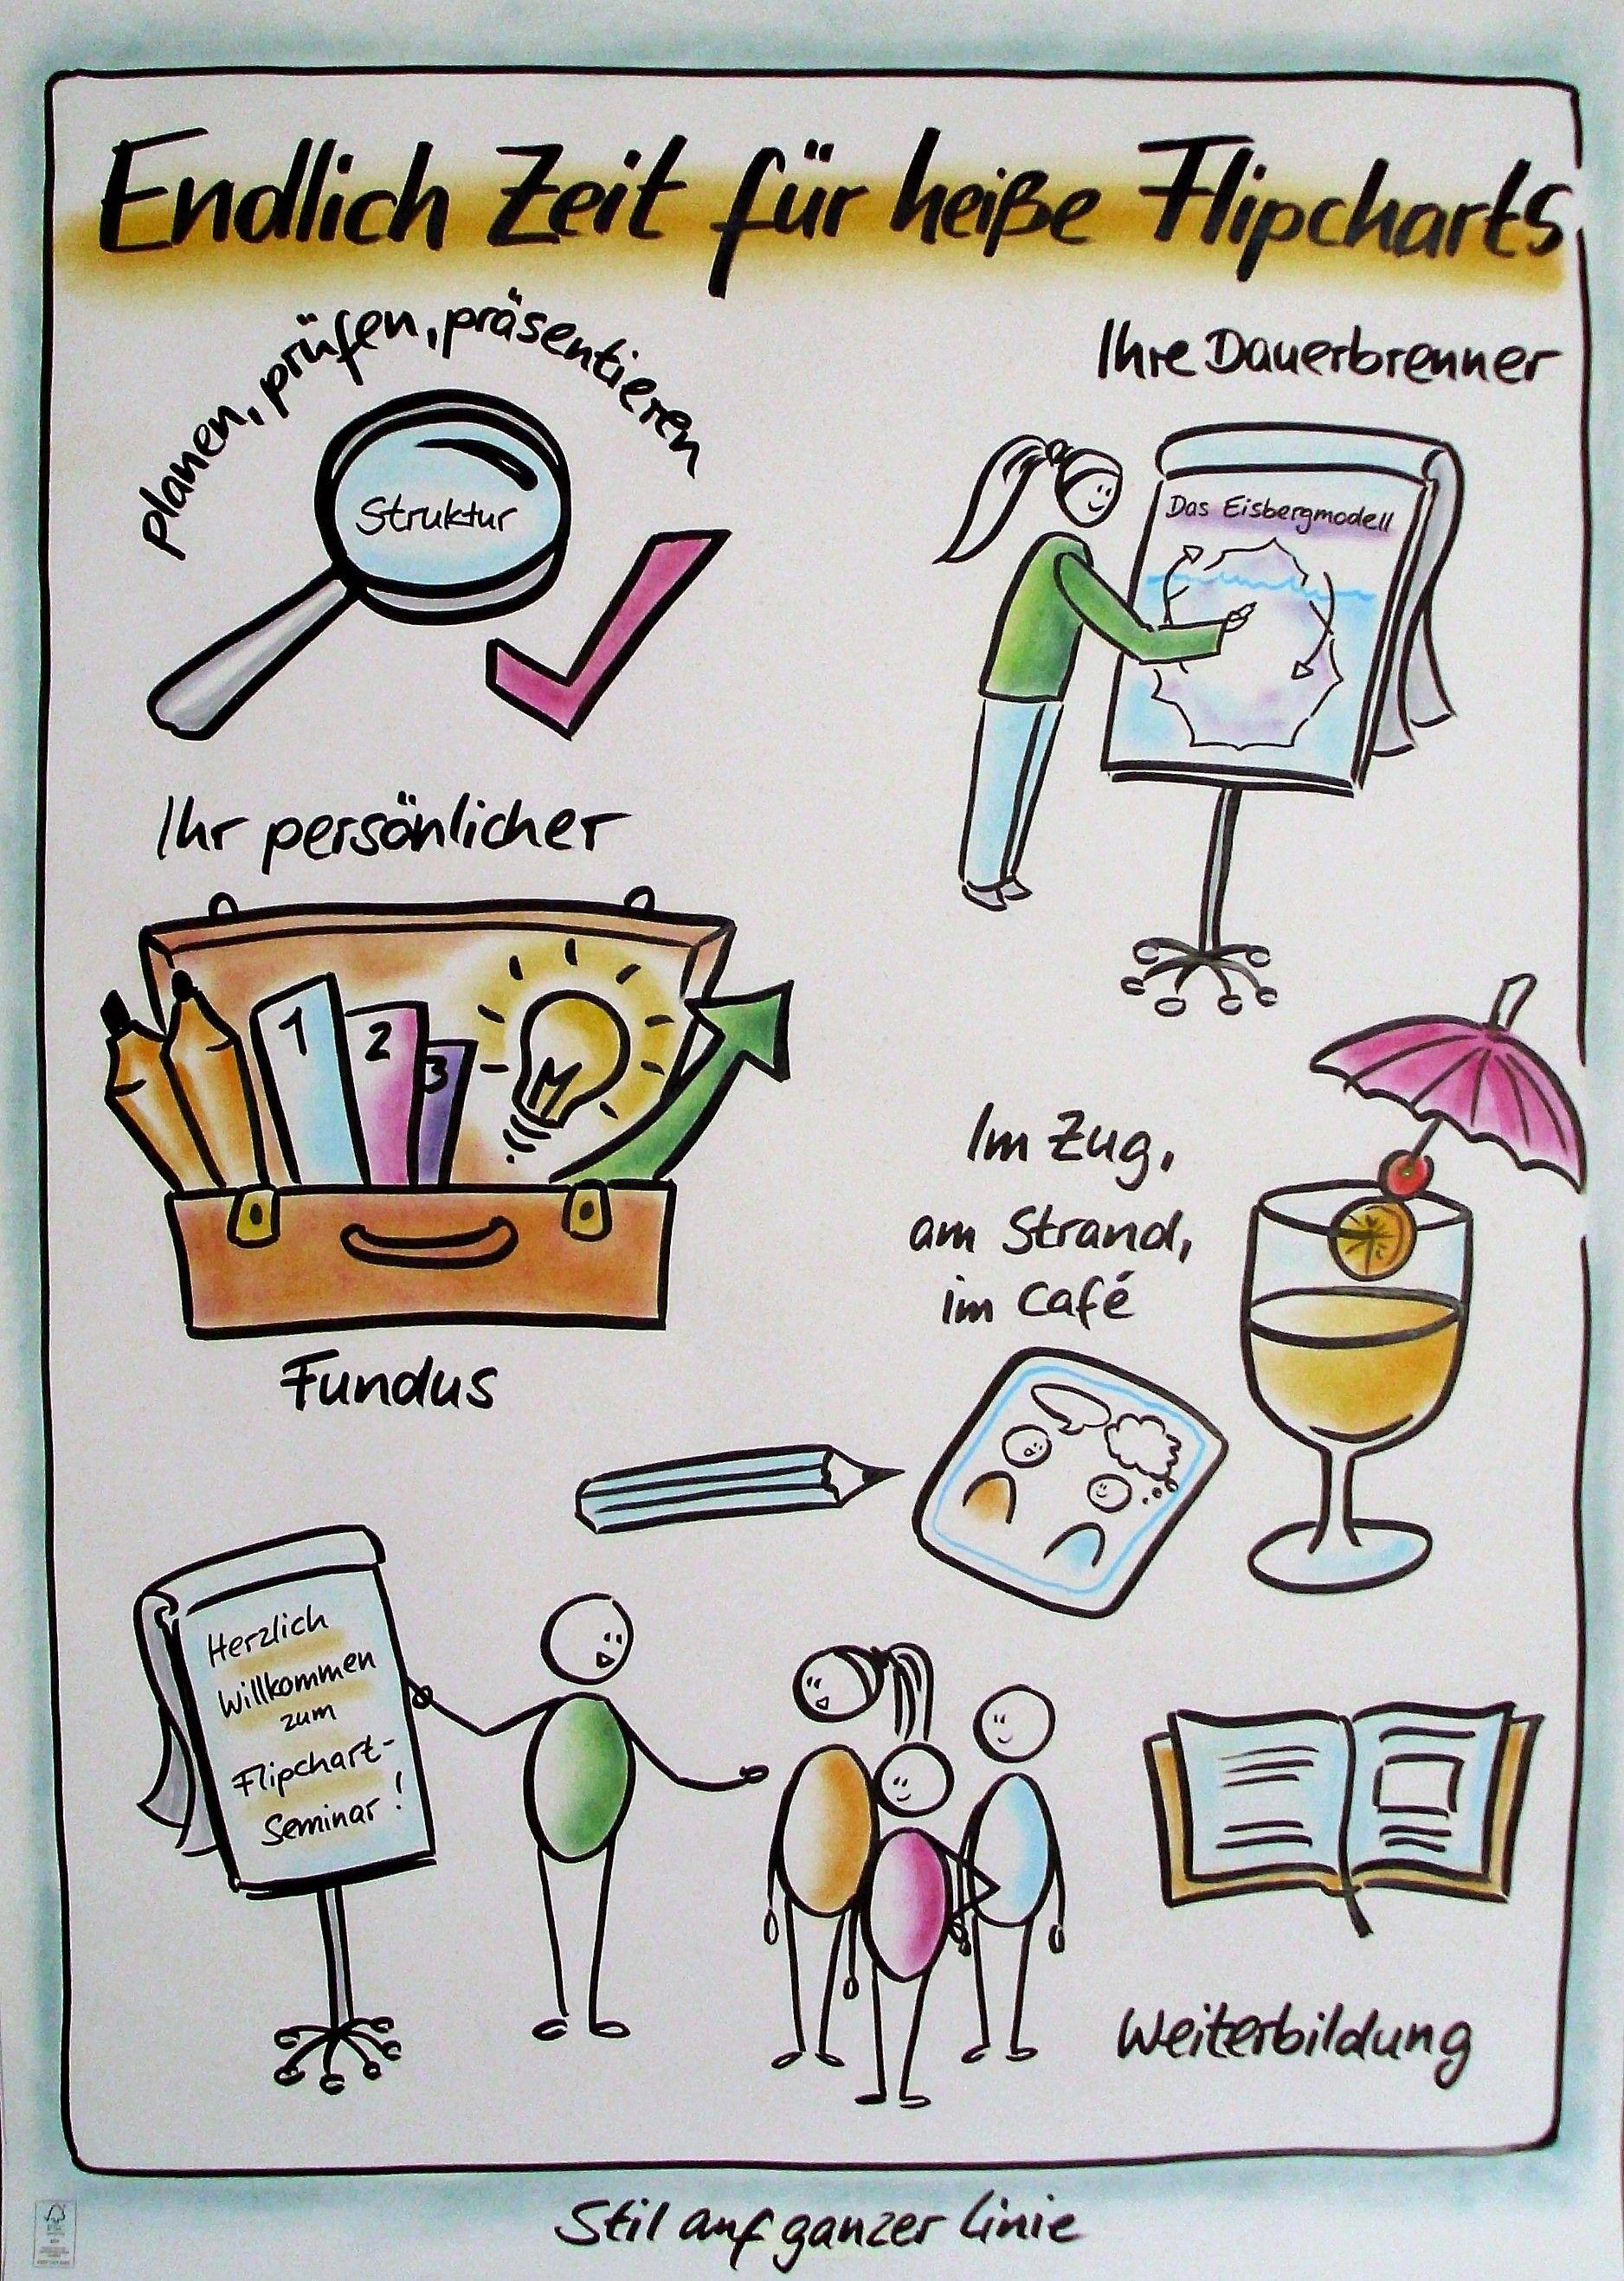 Flipchart Blog Artikel Flipchartgestaltung Gestalten Ideen Prasentation Visualisieren Visualisierung Ma Flipchart Gestalten Visuelle Notizen Flipcharts